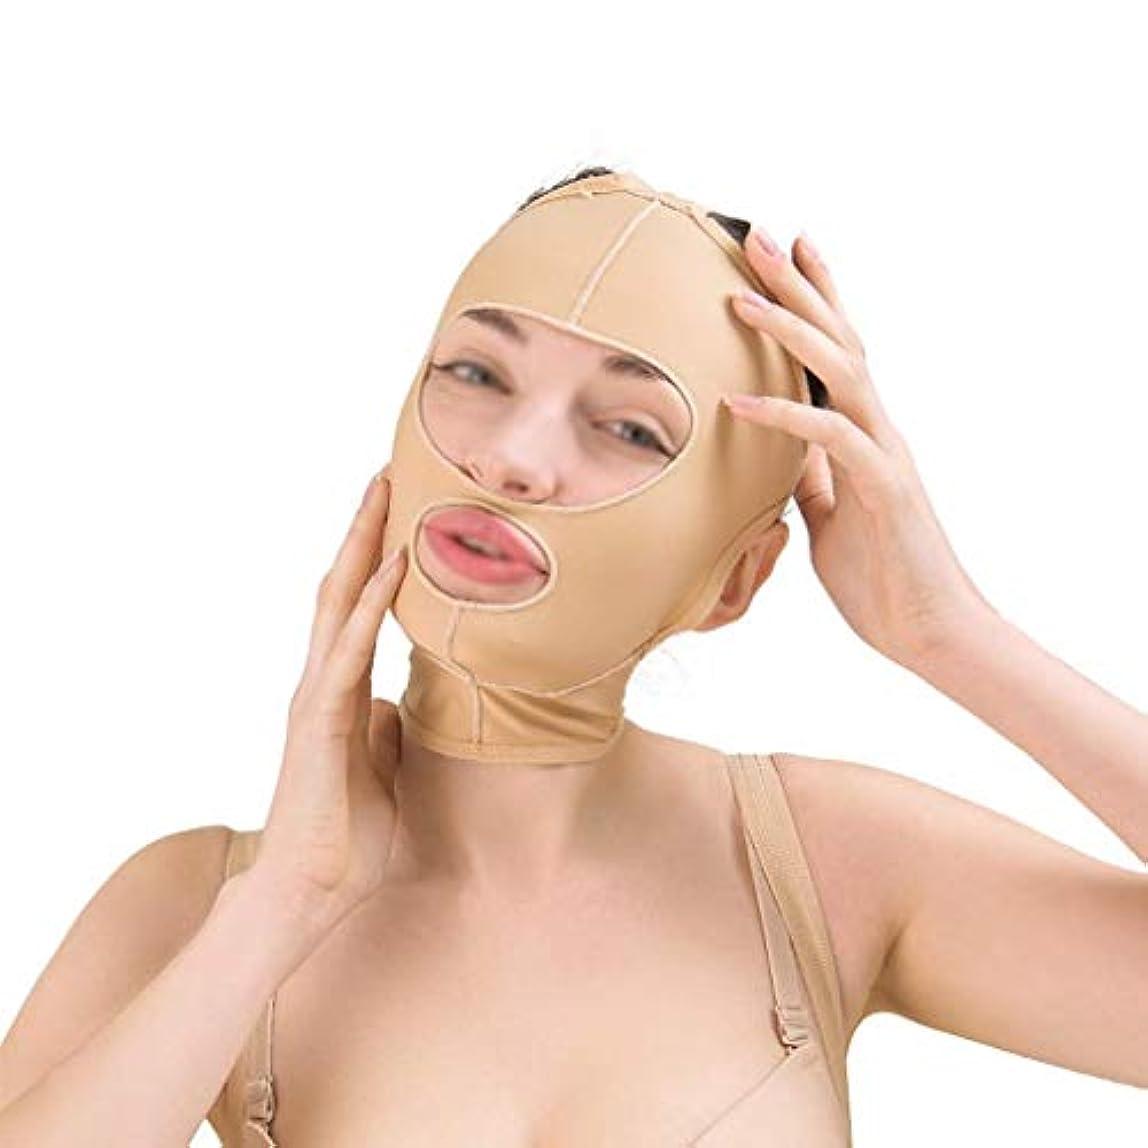 ぼかす固有の仕事に行く美容フェイスリフト減量ベルト、ほおスリムフィット、通気性フェイスリフト、引き締め、リフティング包帯、フェイシャルスキン包帯(サイズ:M),XL